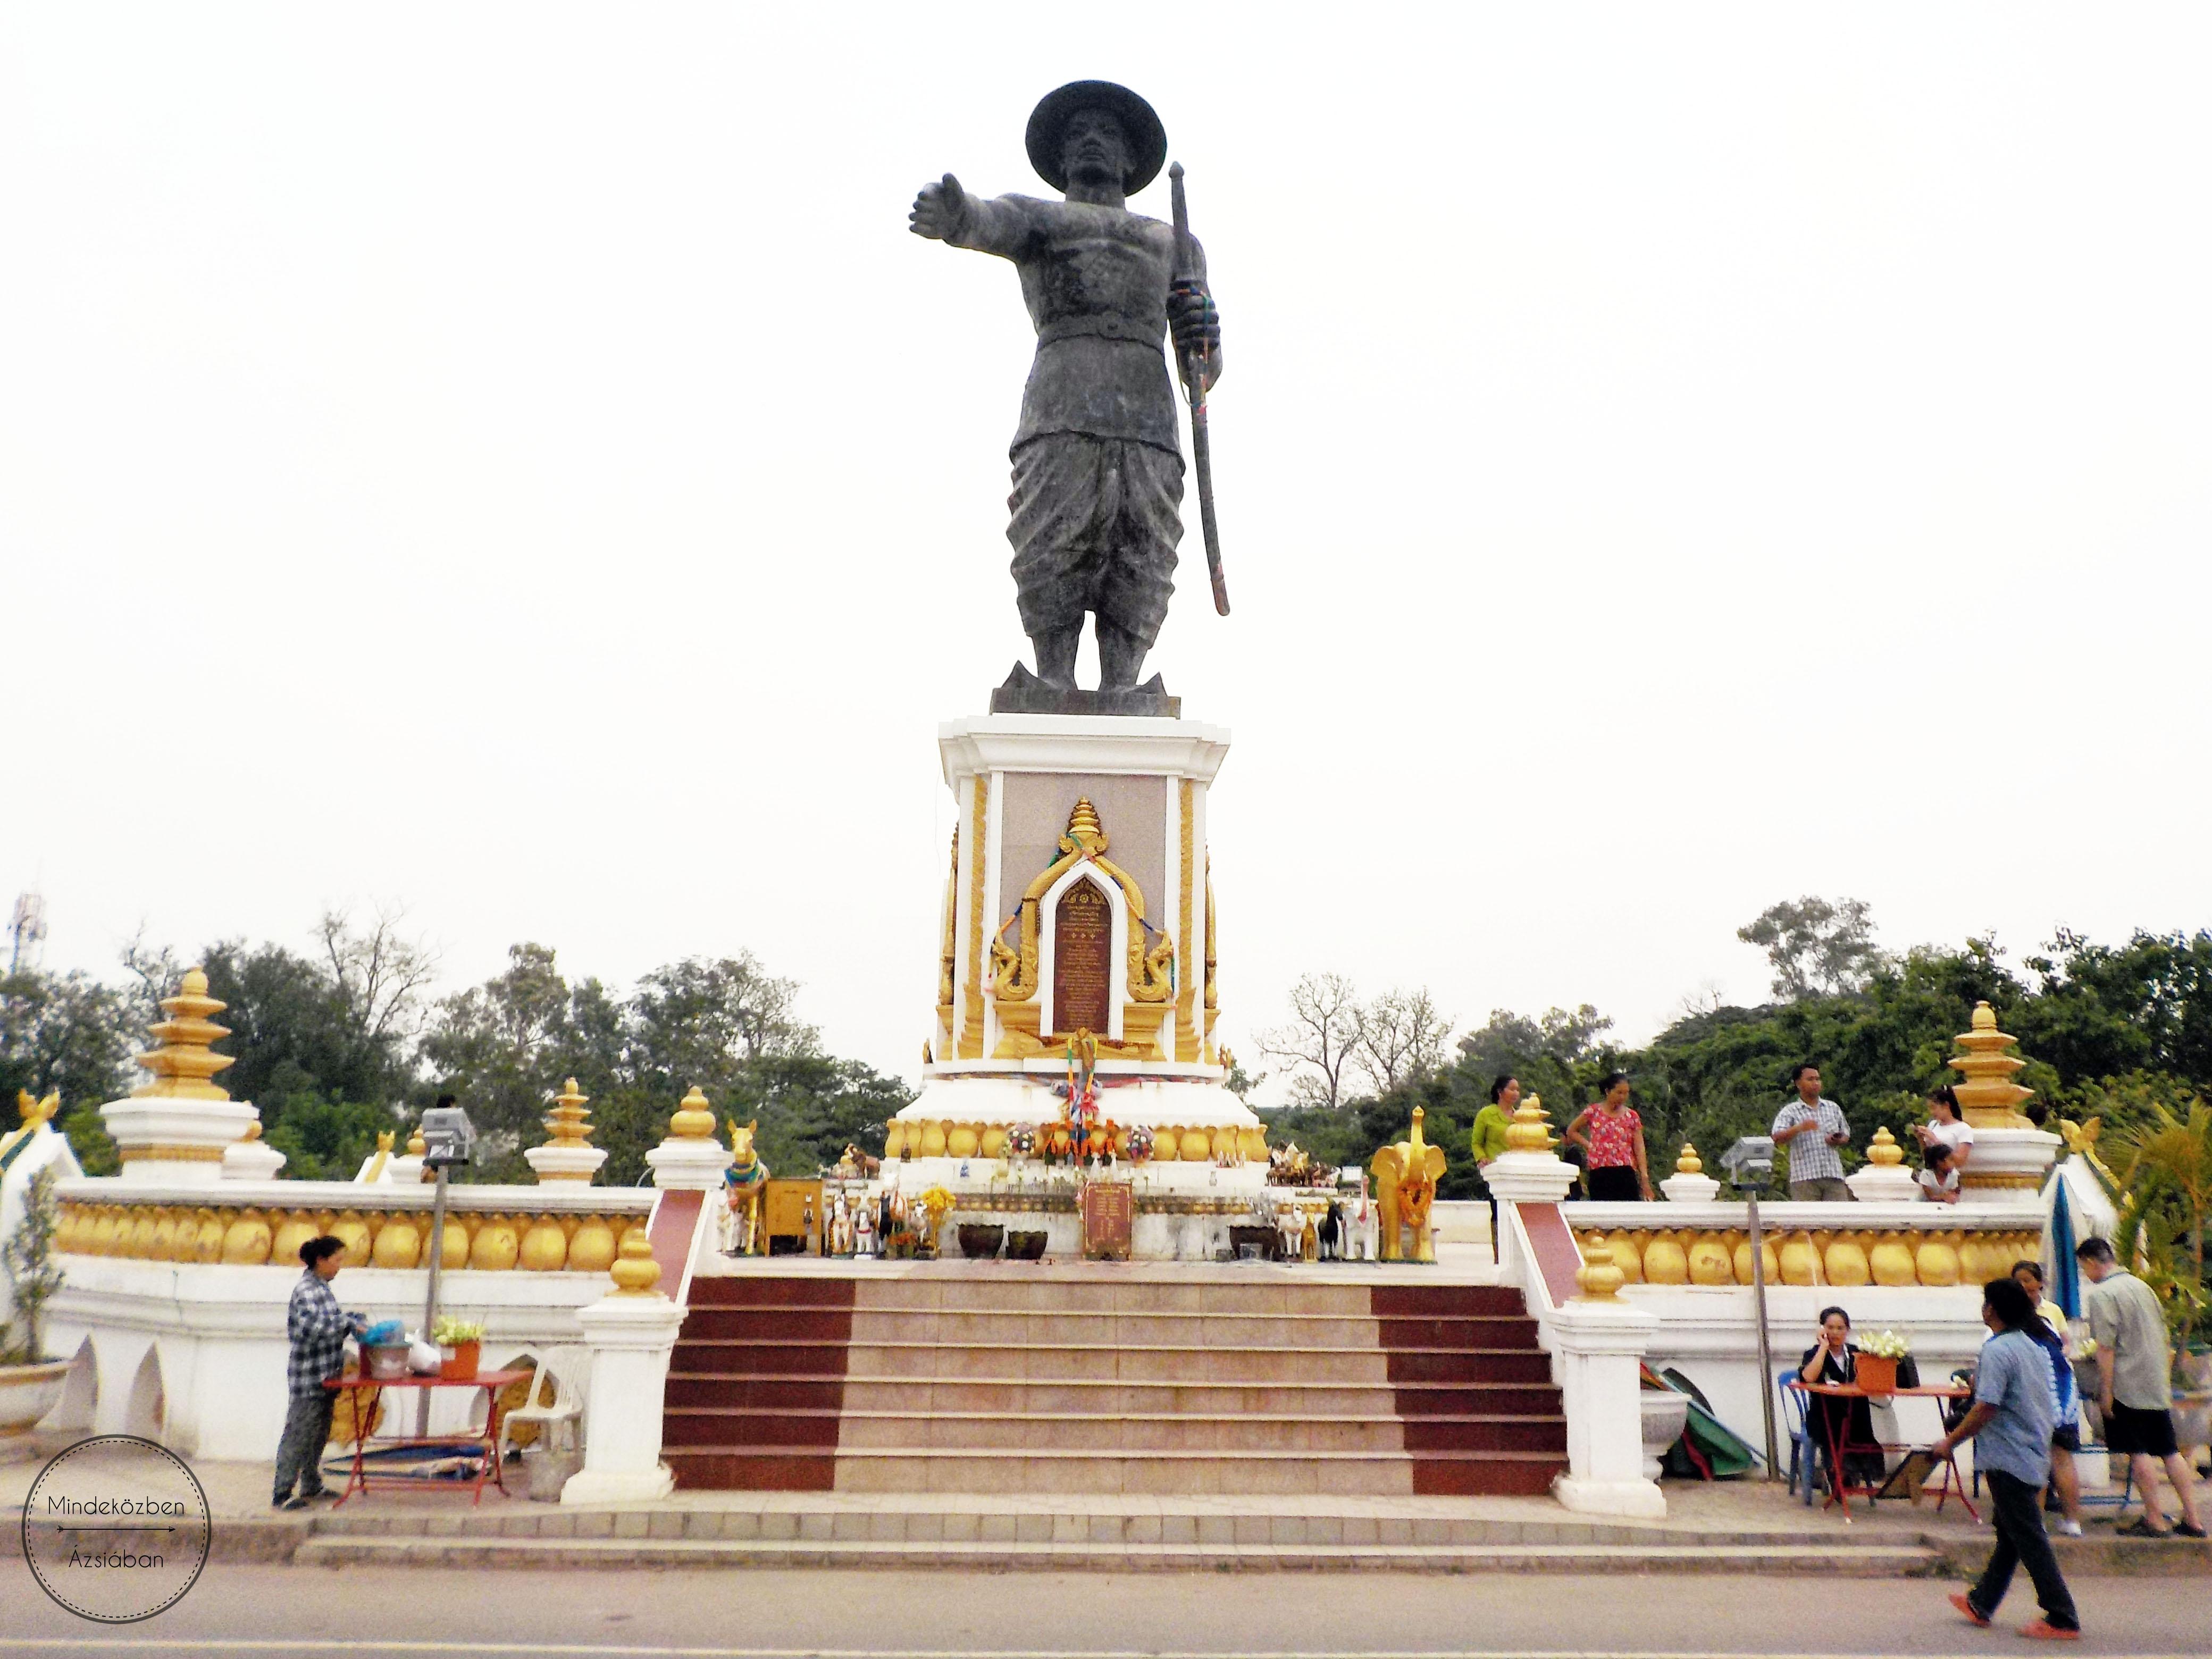 Chao Anouvong király szobra Thaiföld felé tartja kézfogásra a karját.